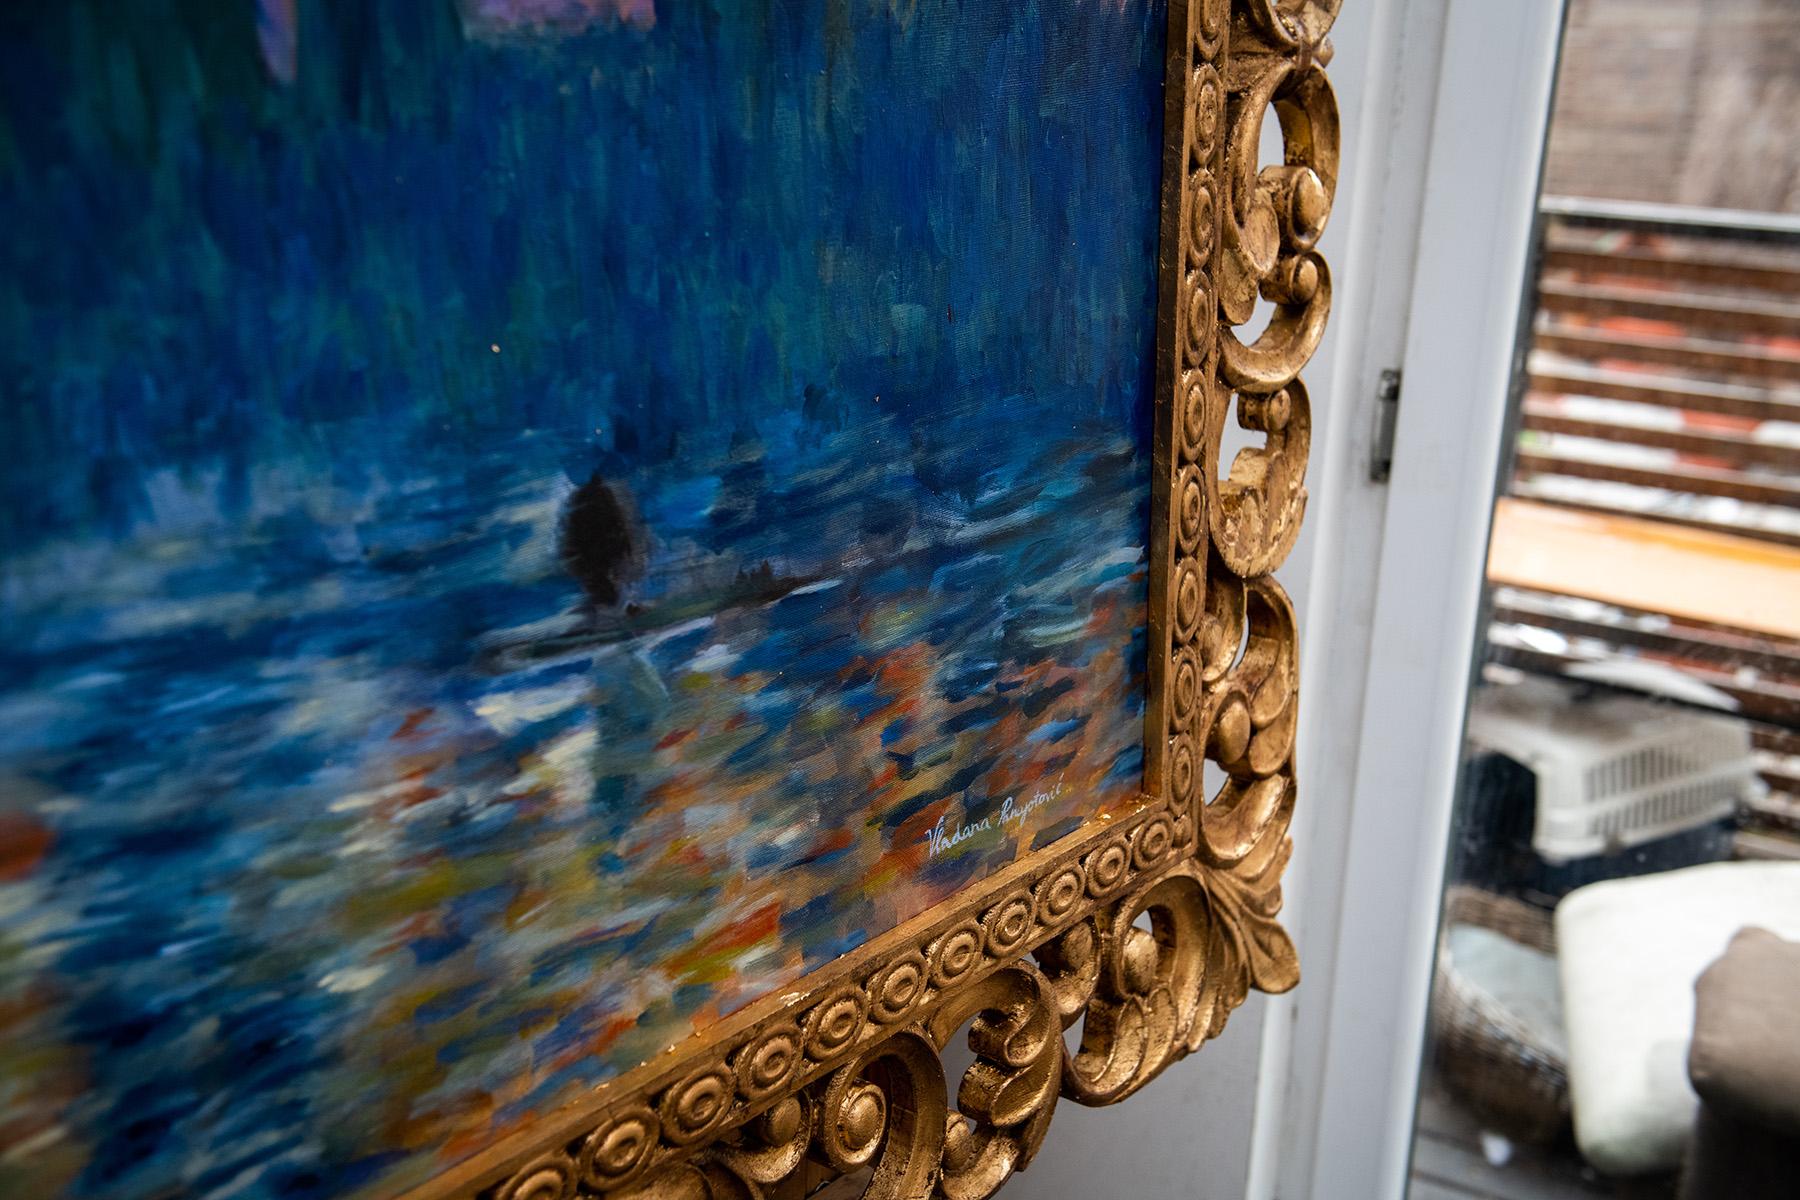 Golden_frames-The Impressionsists_0009